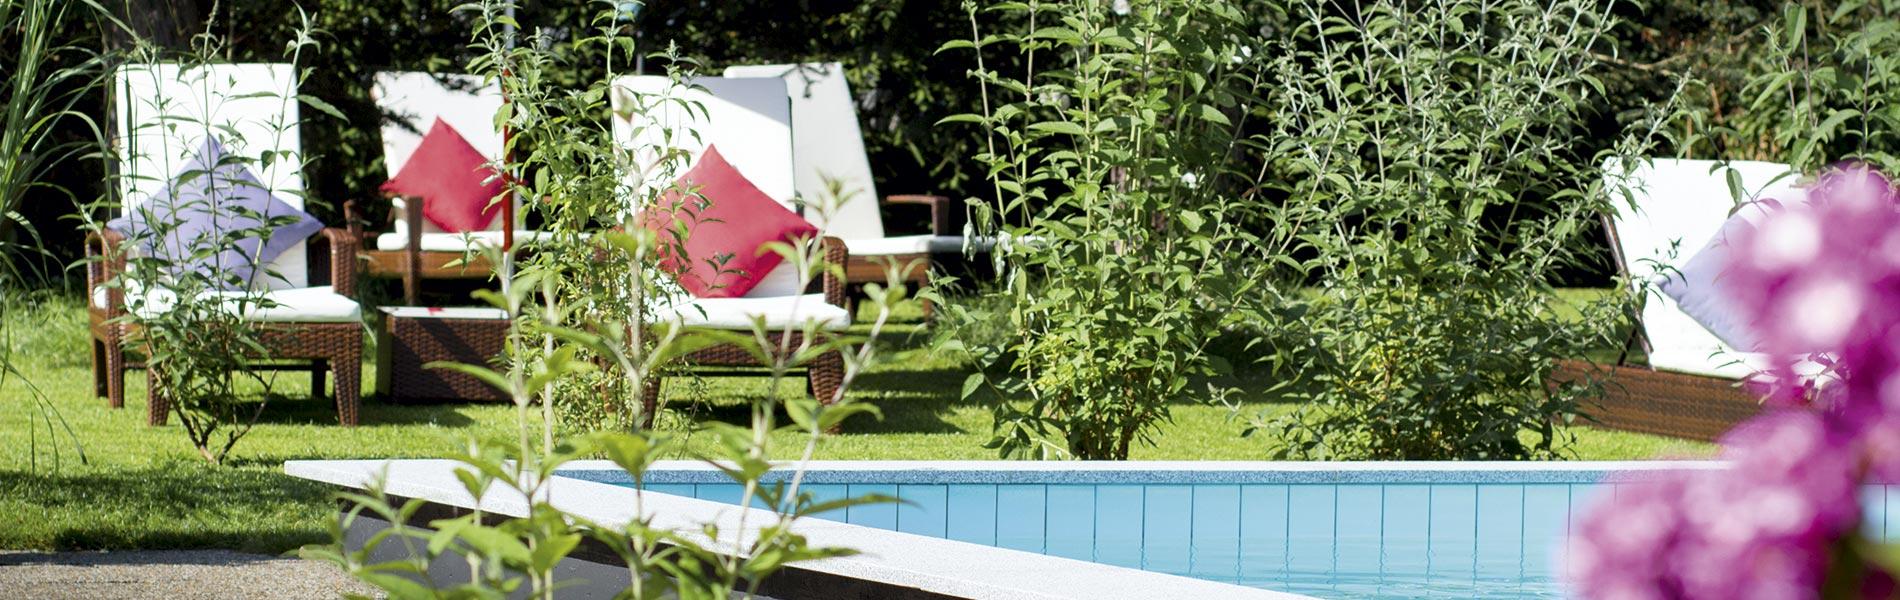 SPA Relais & Châteaux Hotel Restaurant Spa Rosengarten